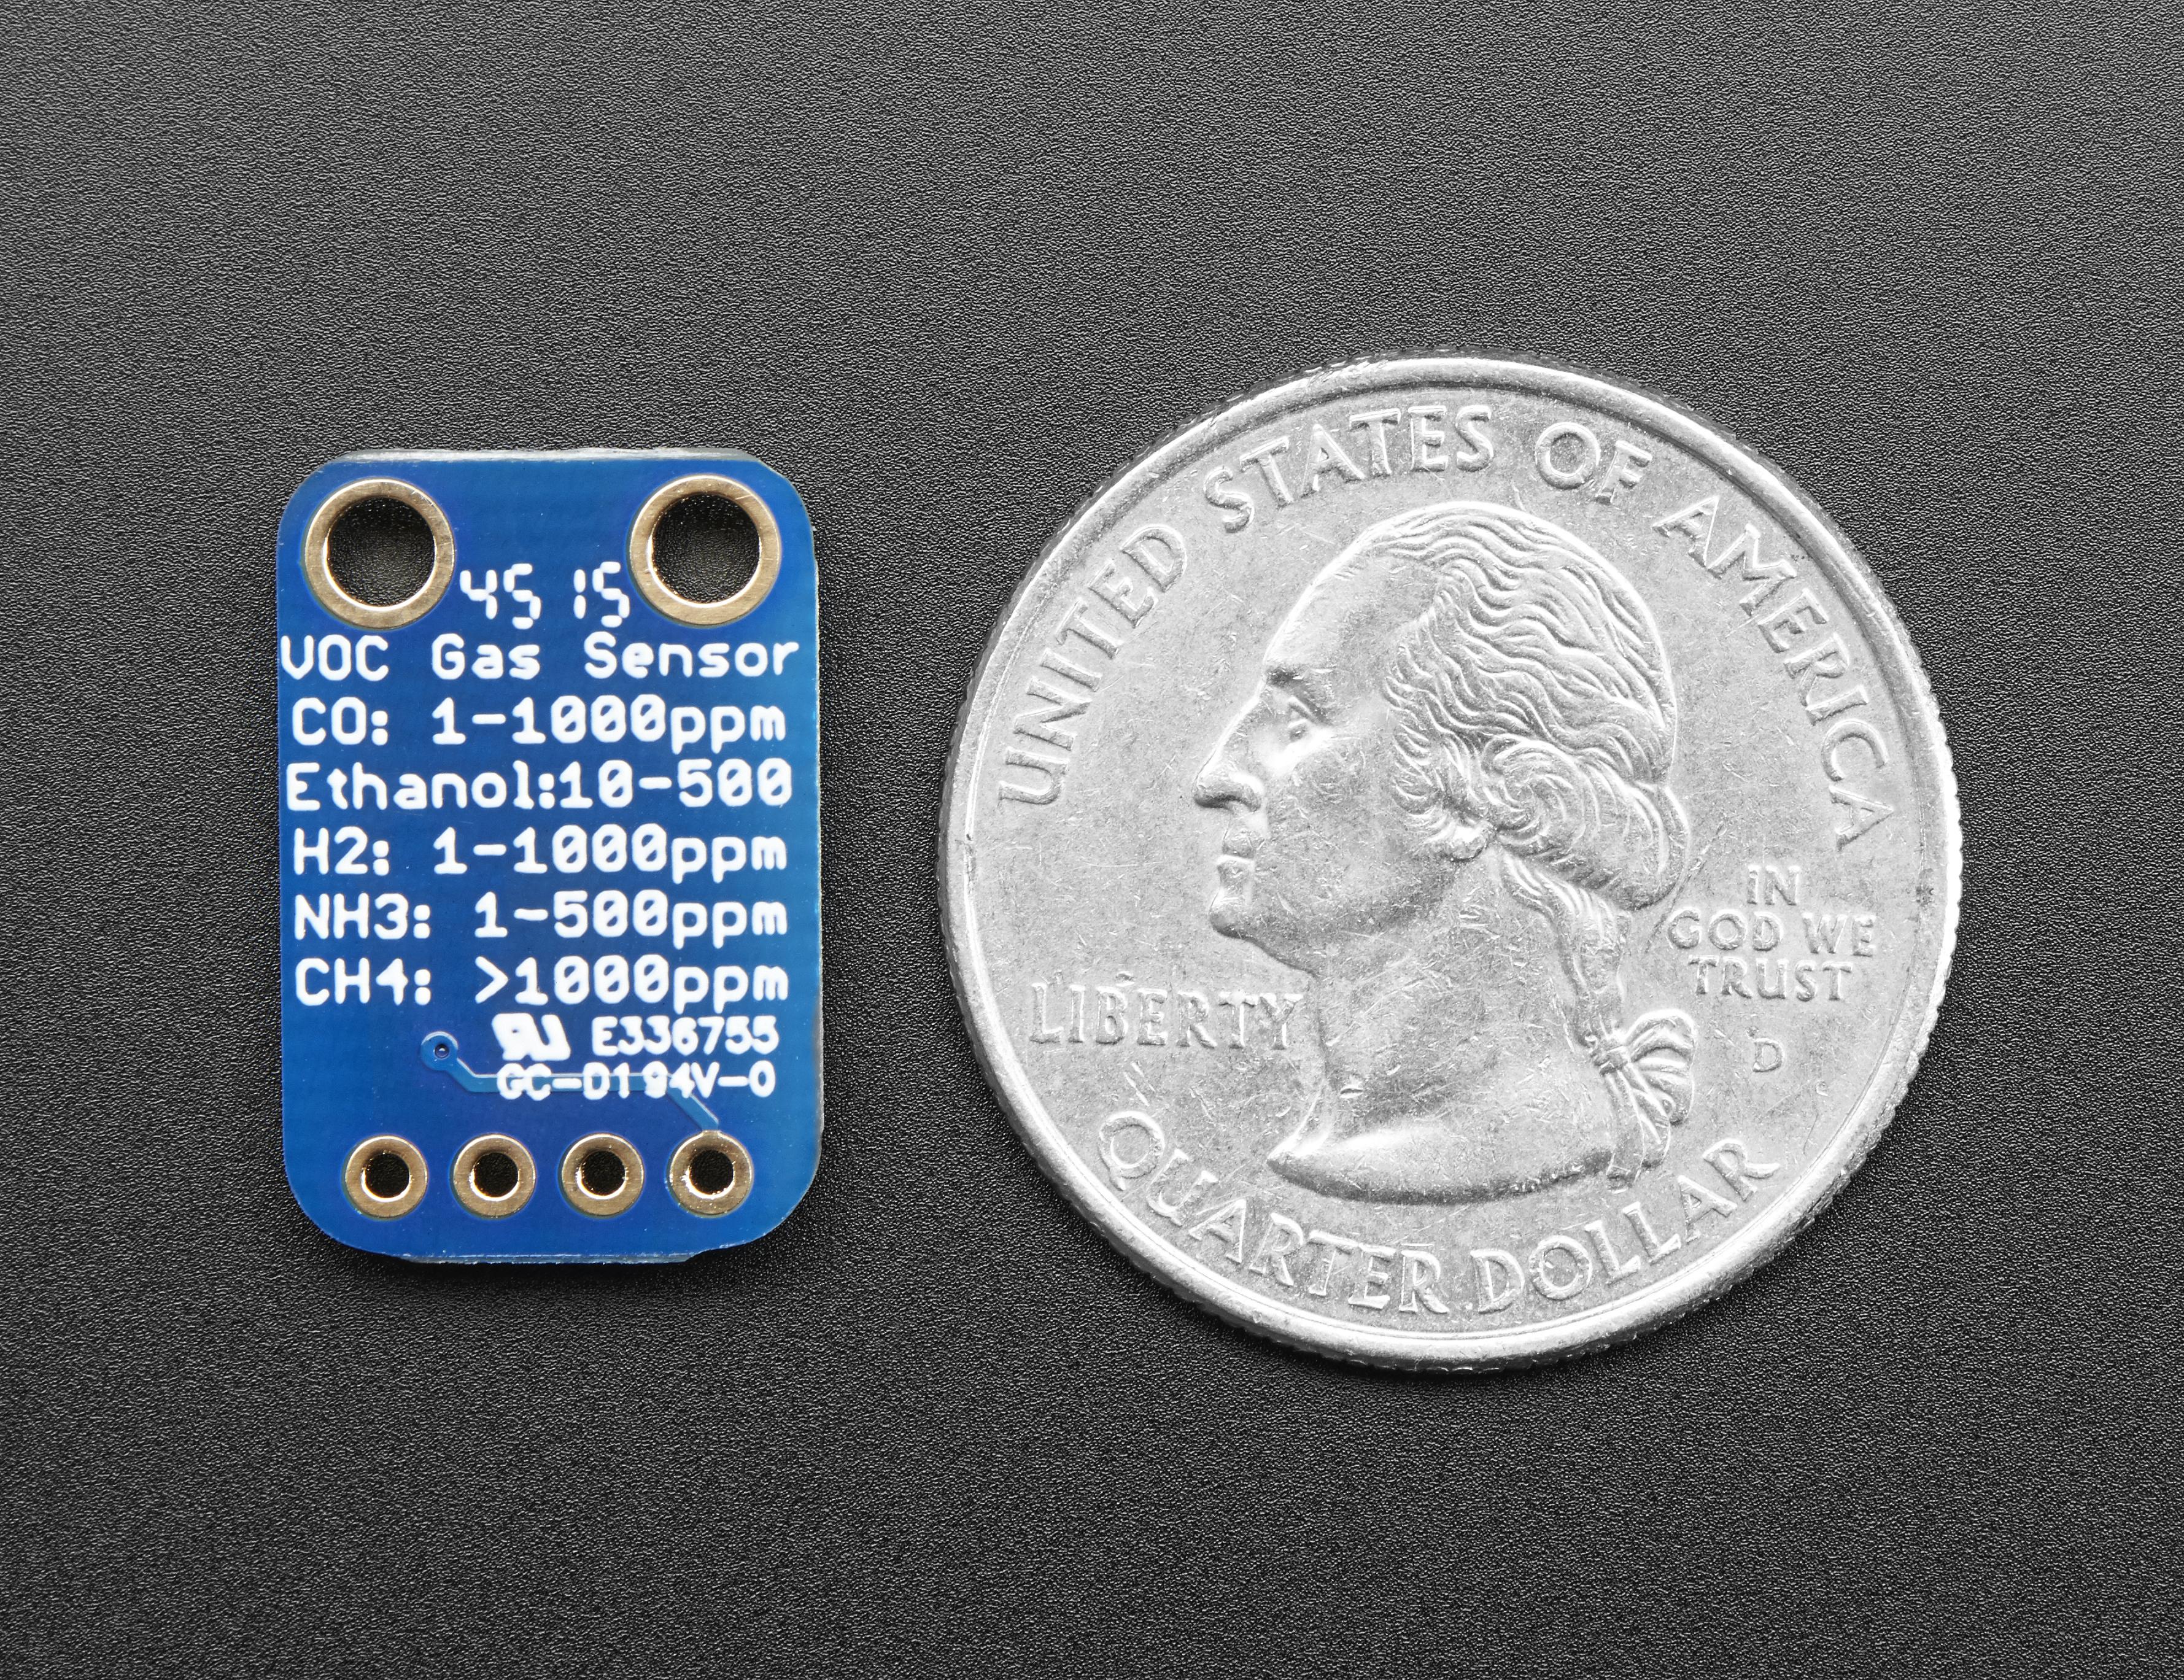 sensors_3199_quarter_ORIG.jpg